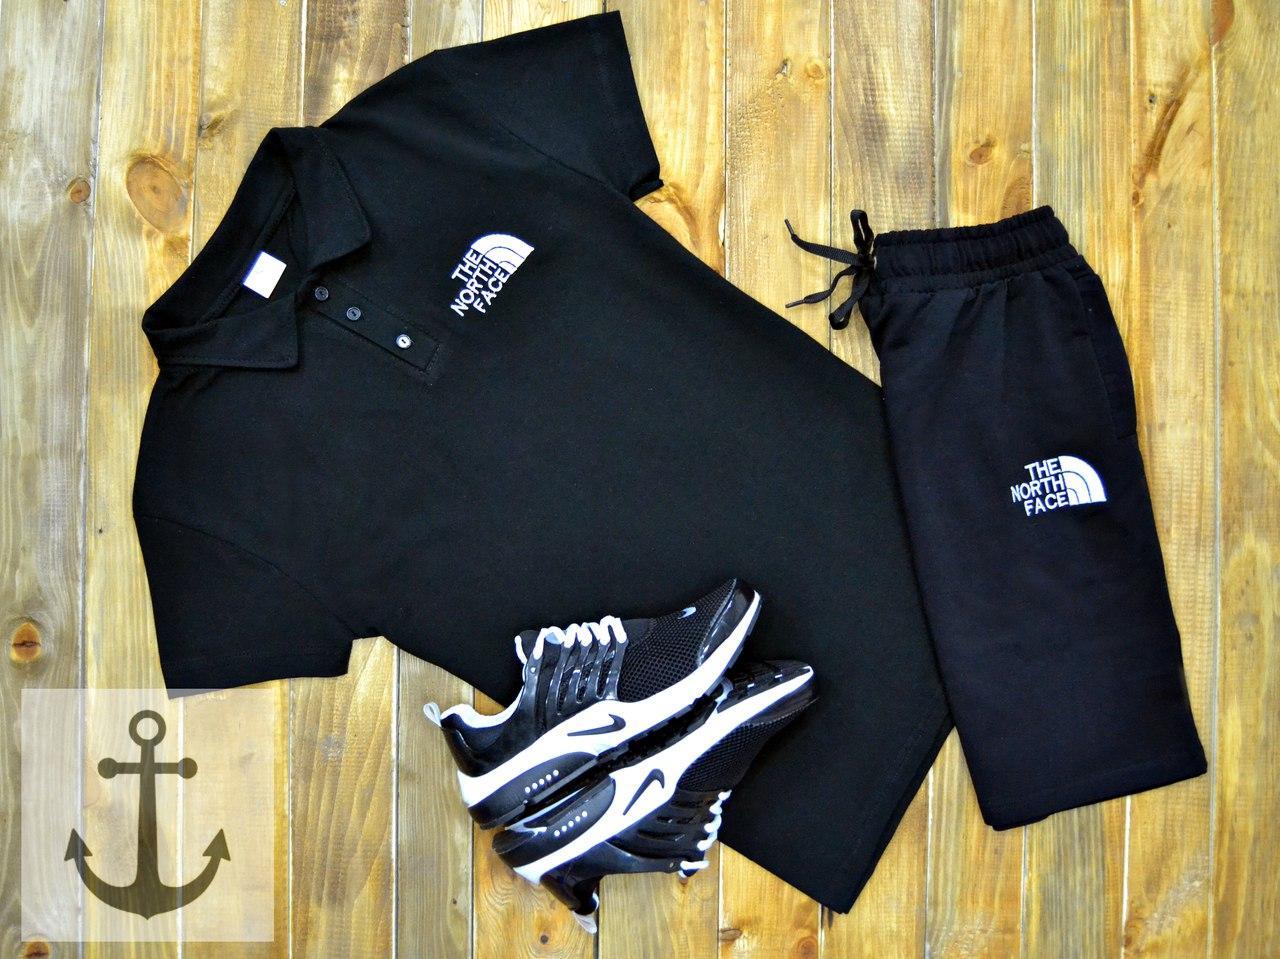 Мужская футболка (поло) в стиле The North Face черная (L, XL размеры)